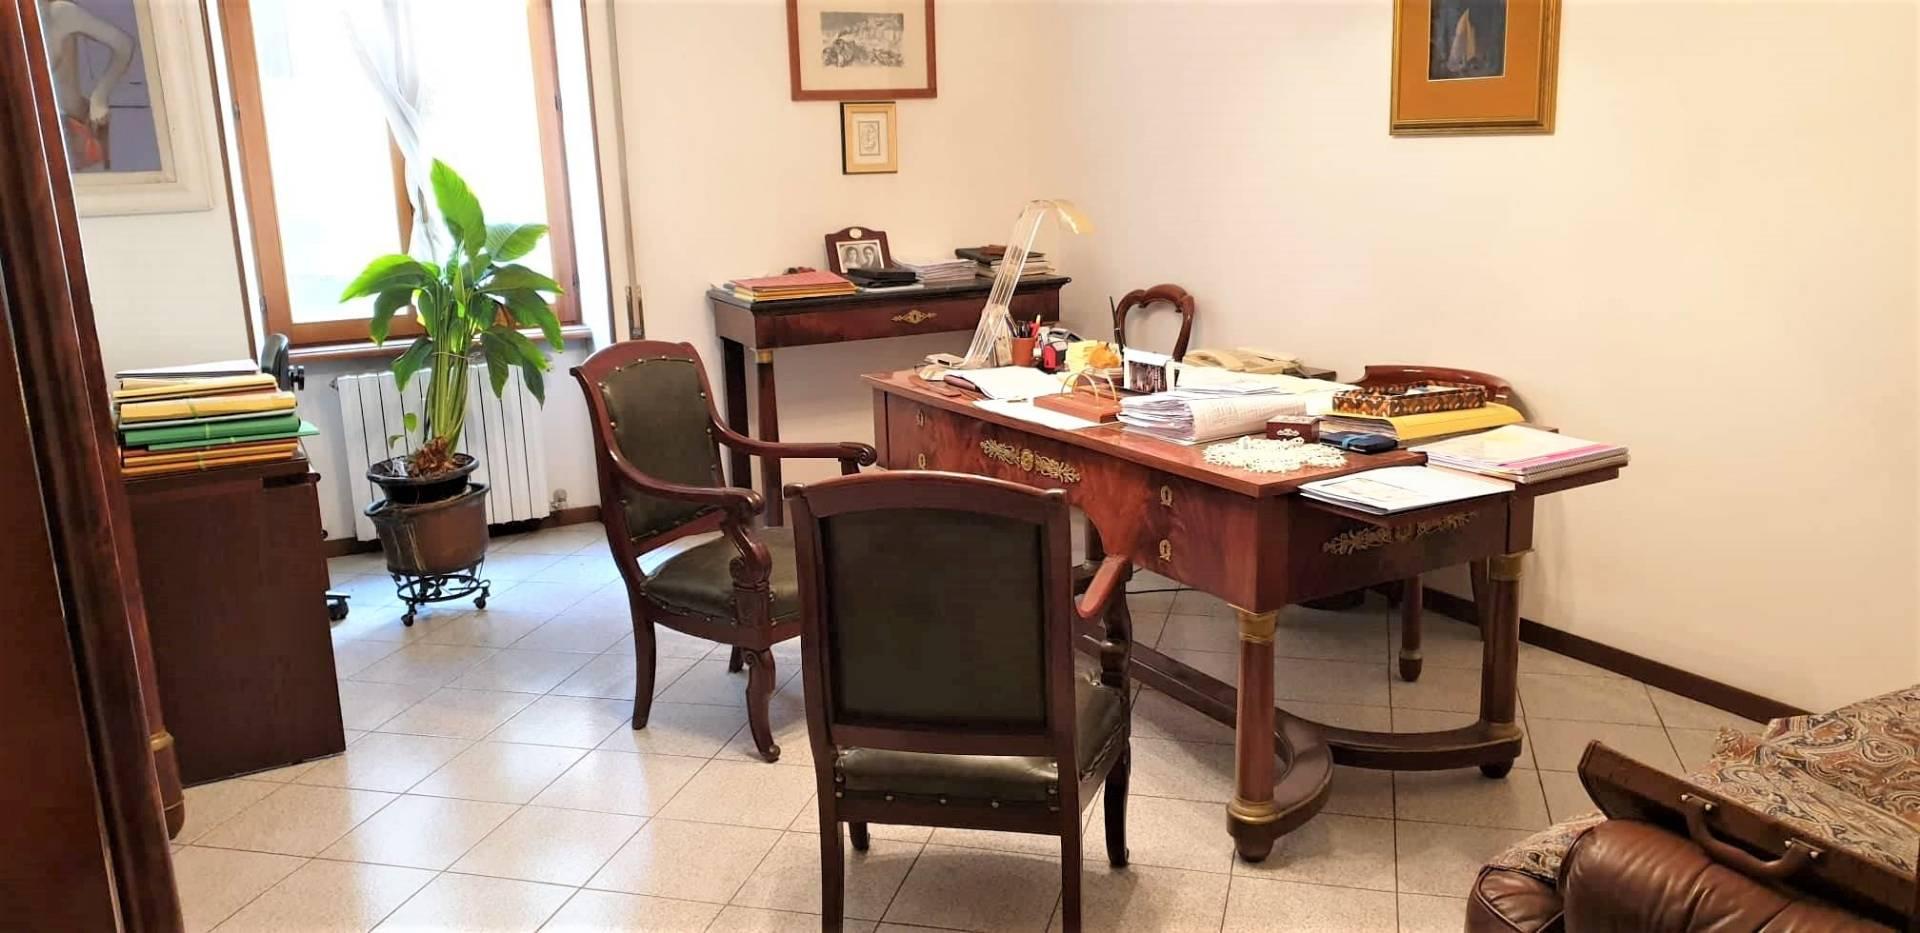 Appartamento VITERBO vendita  Centro  Coldwell Banker Sintony